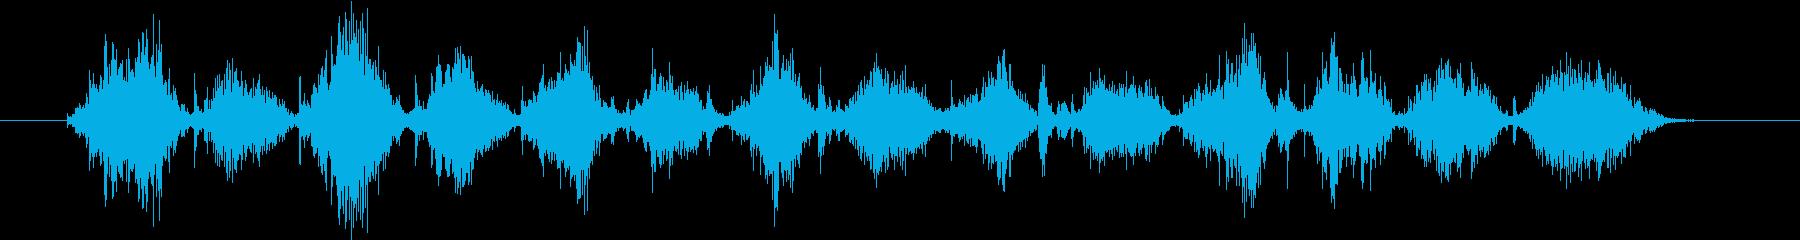 クロスカットハンドソー:2 X 4...の再生済みの波形